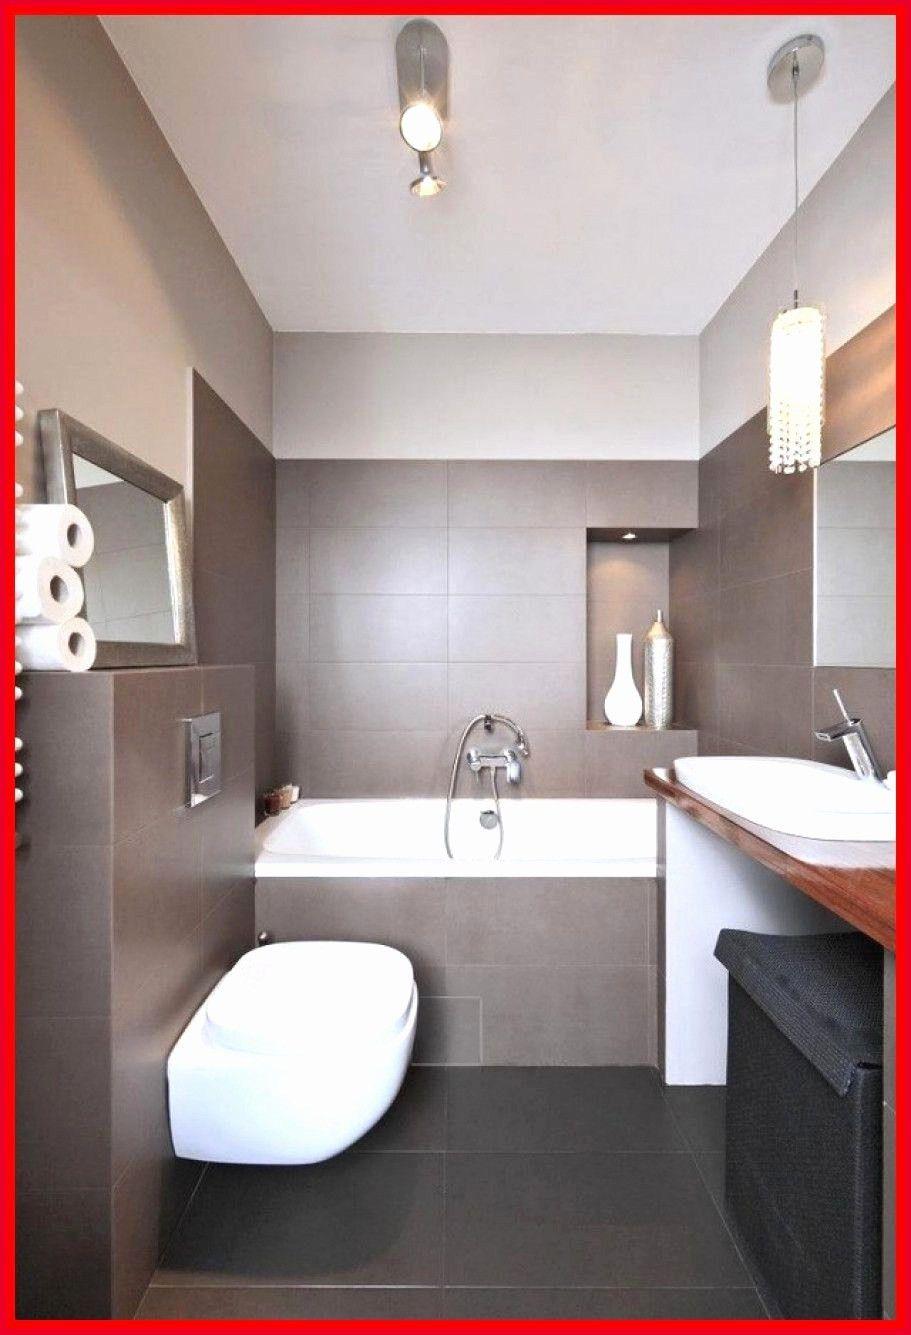 Einzigartig 43 Zum Bauhaus Fliesen Holzoptik Begehbare Dusche Badezimmer Badezimmer Fliesen